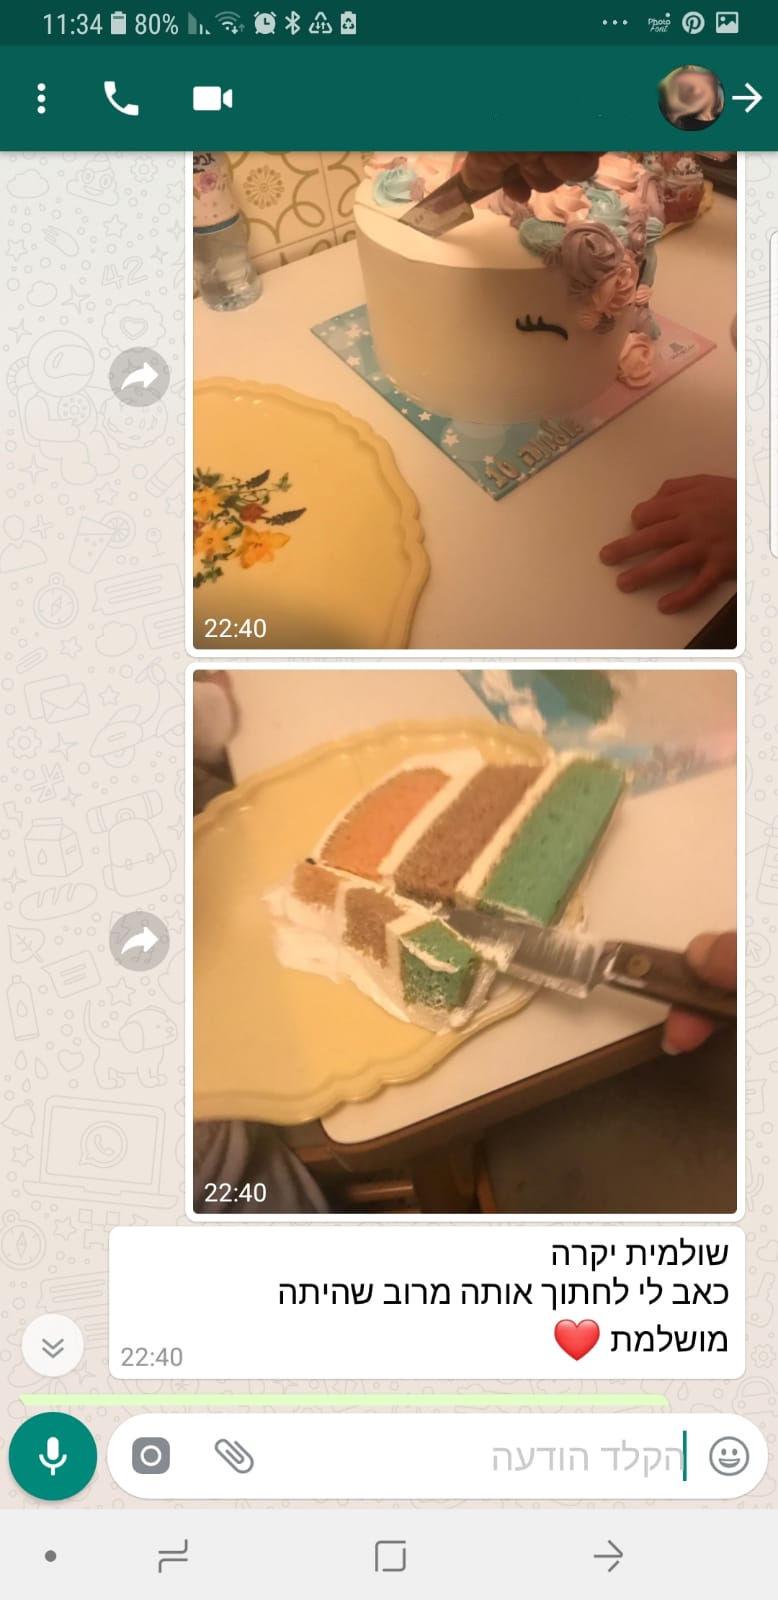 ביקורת מלקוחת לעוגה קסומה